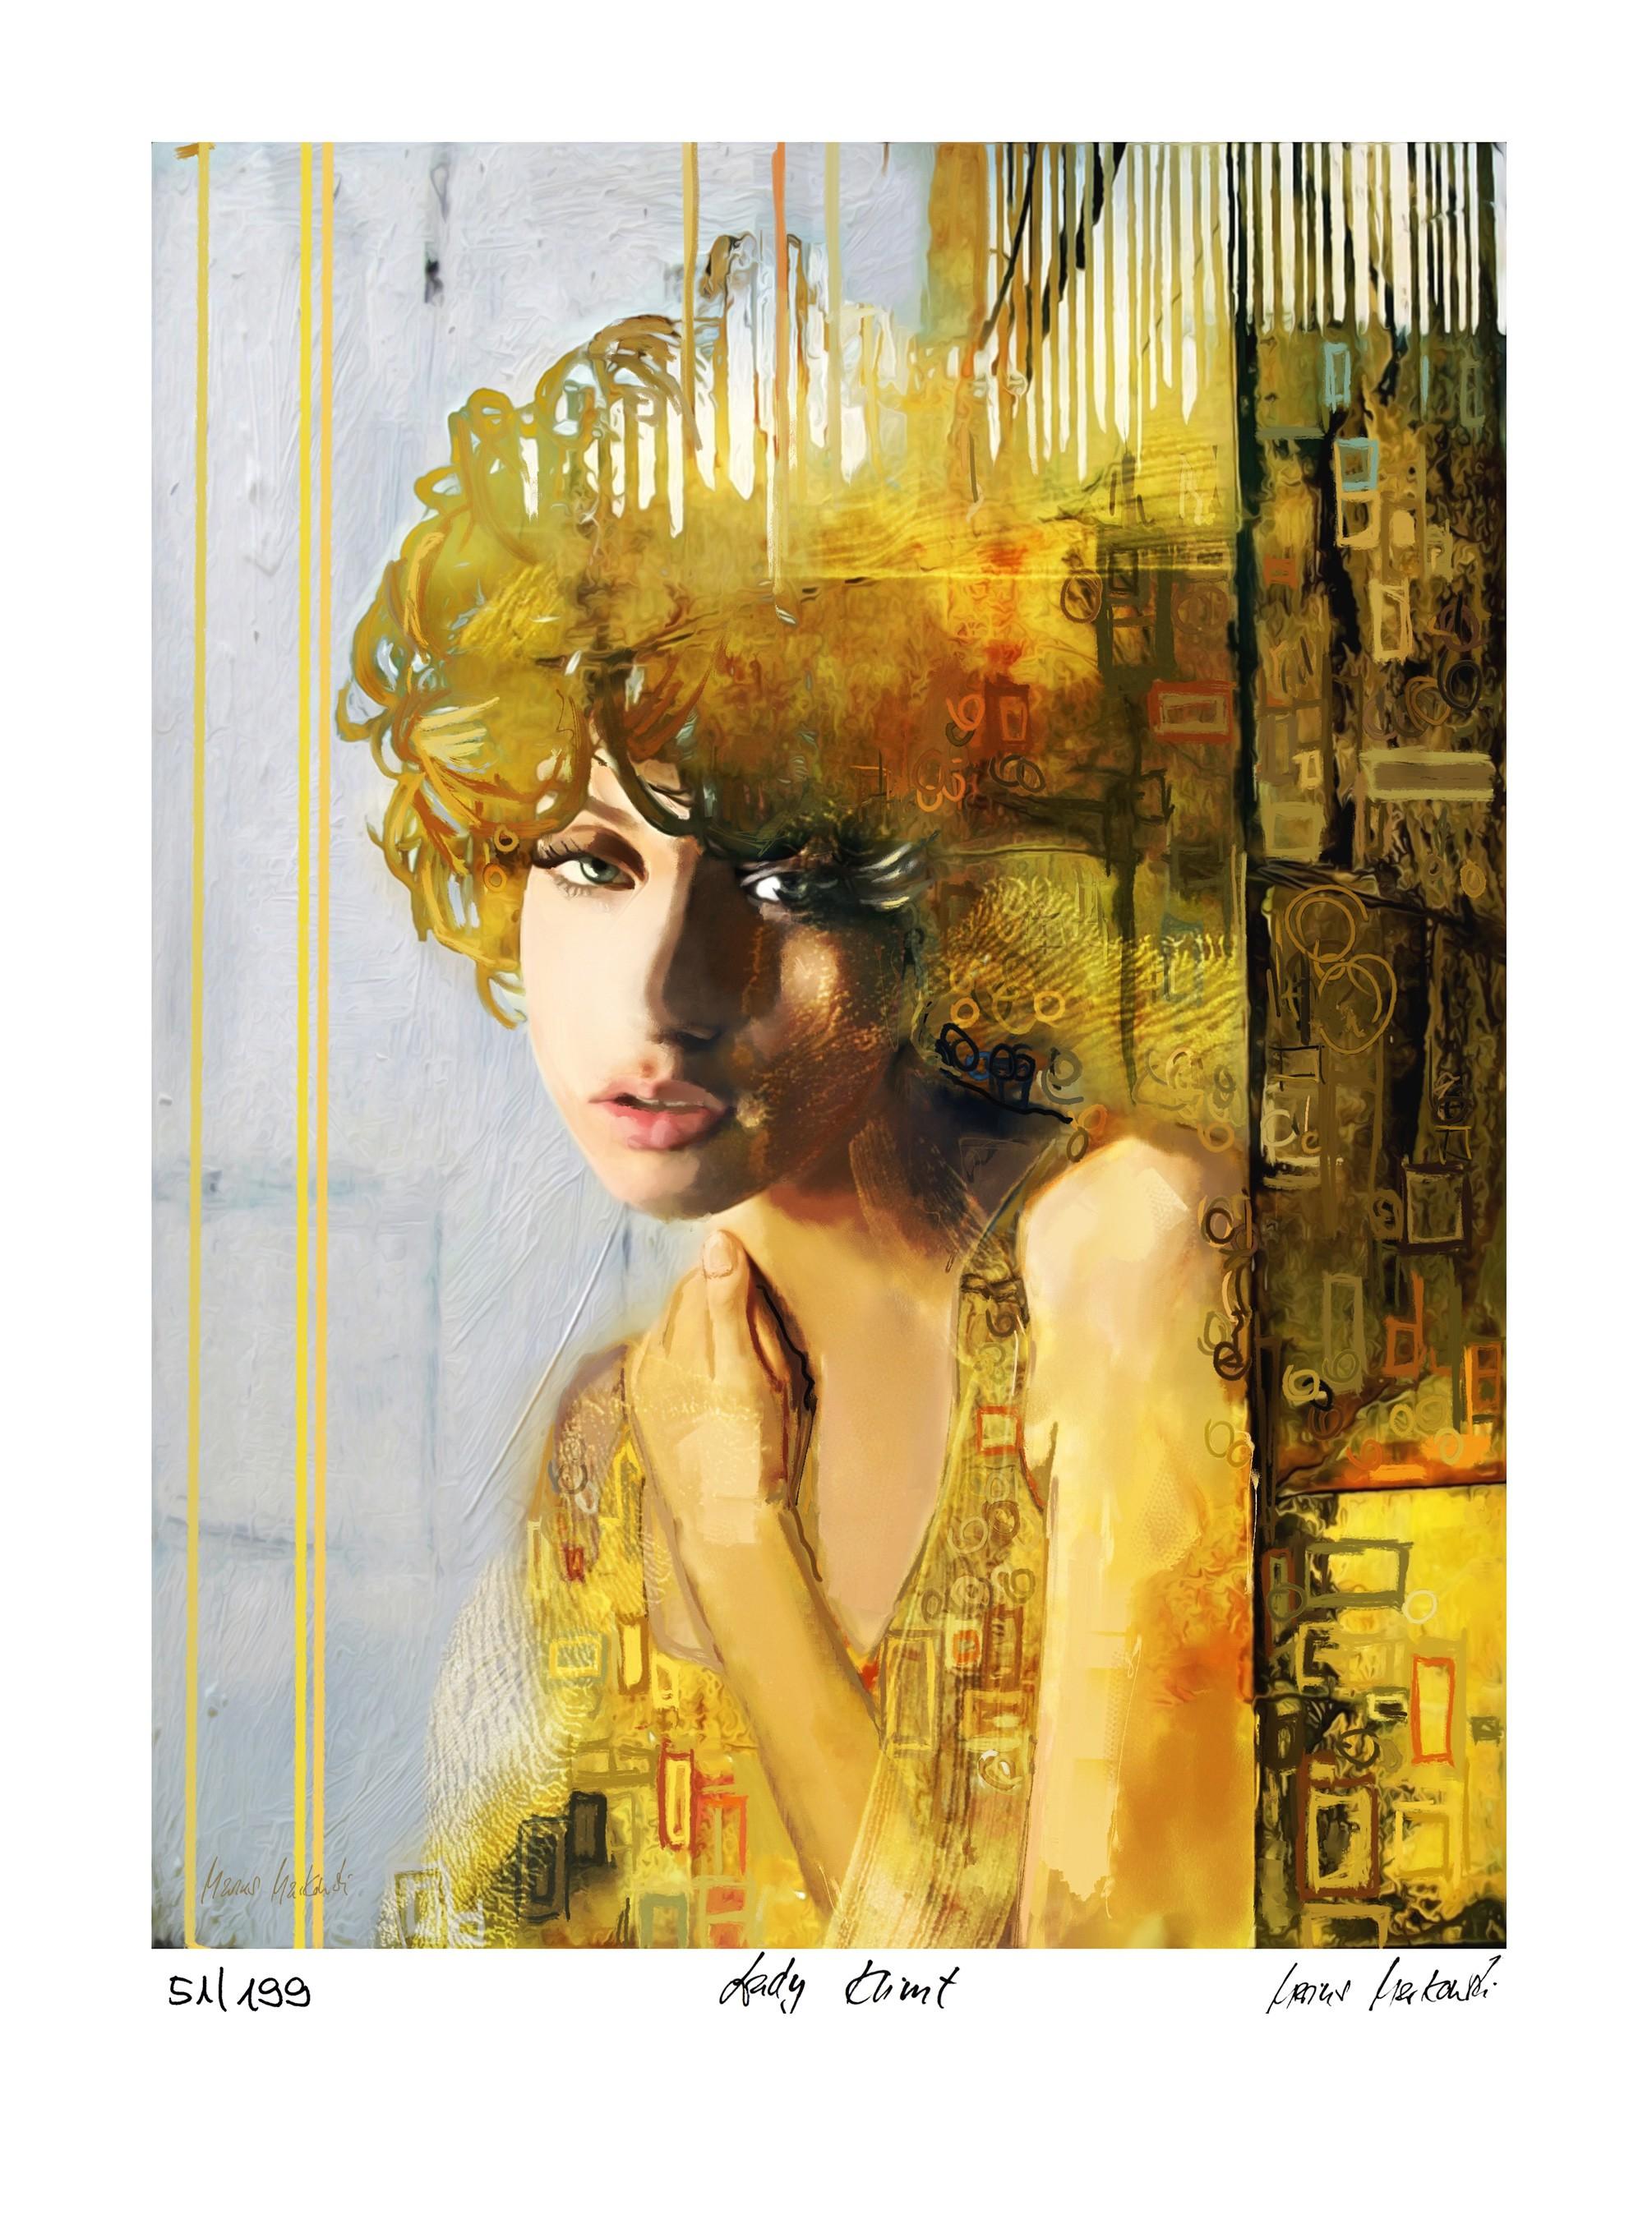 Lady Klimt